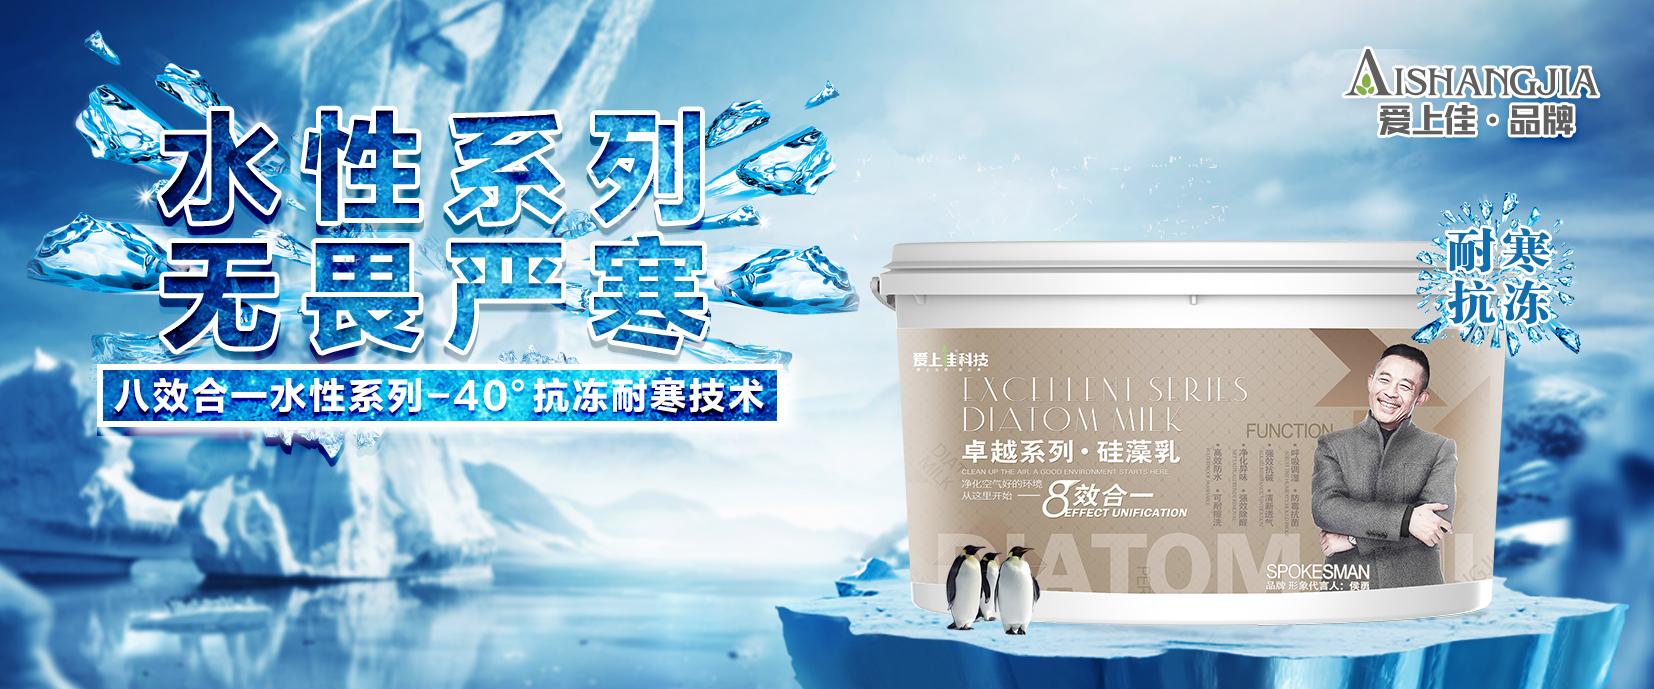 零下40°低温防冻,独家经典。爱上佳8效合一硅藻乳。